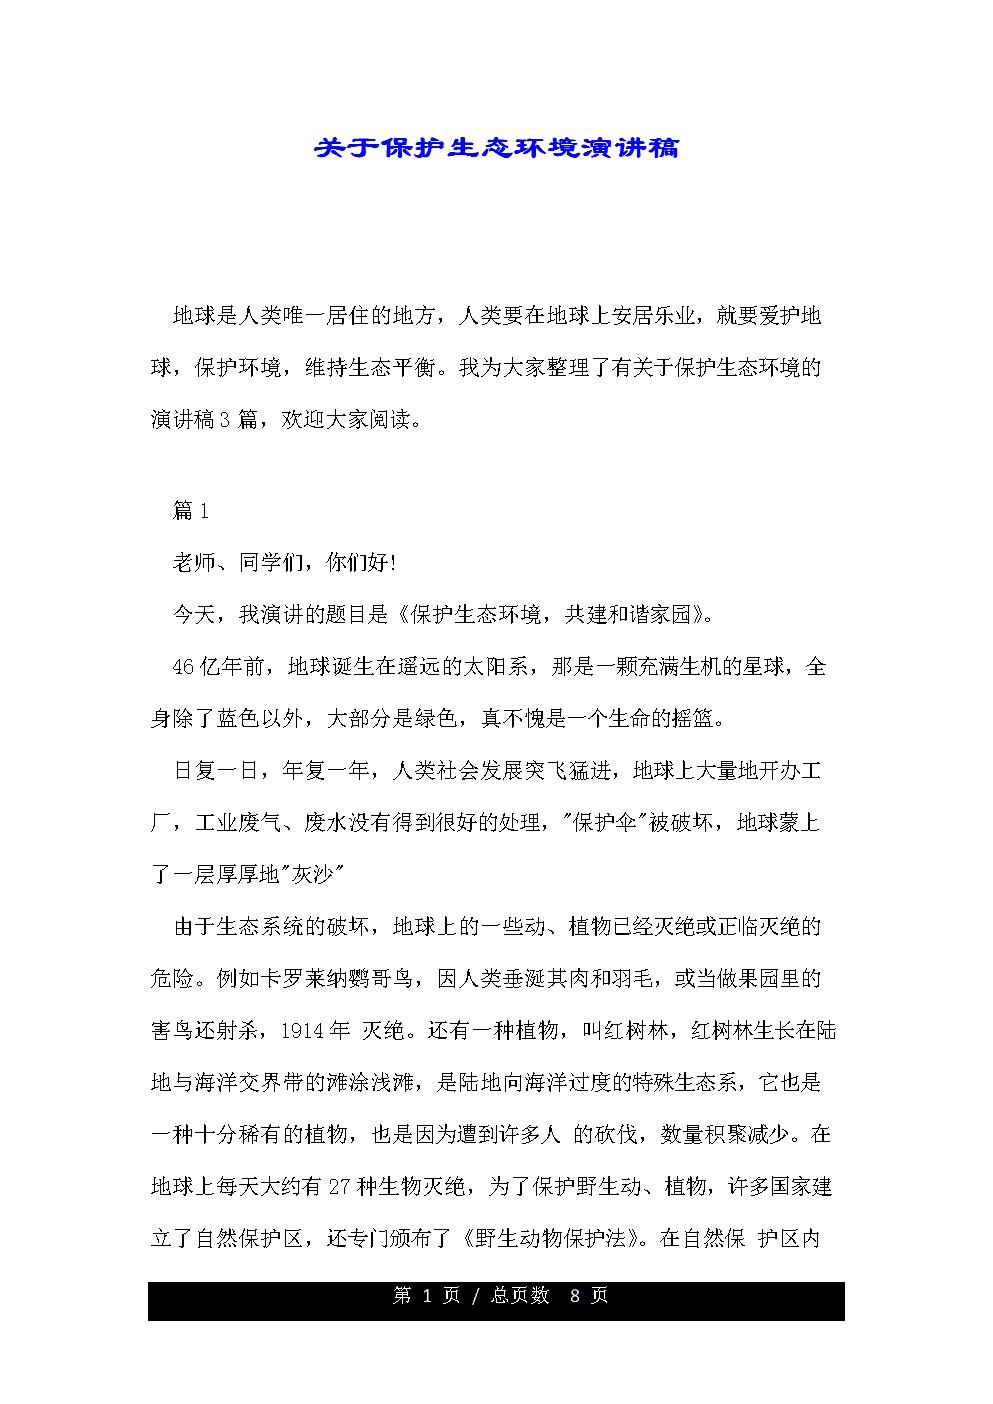 关于保护生态环境演讲稿.doc